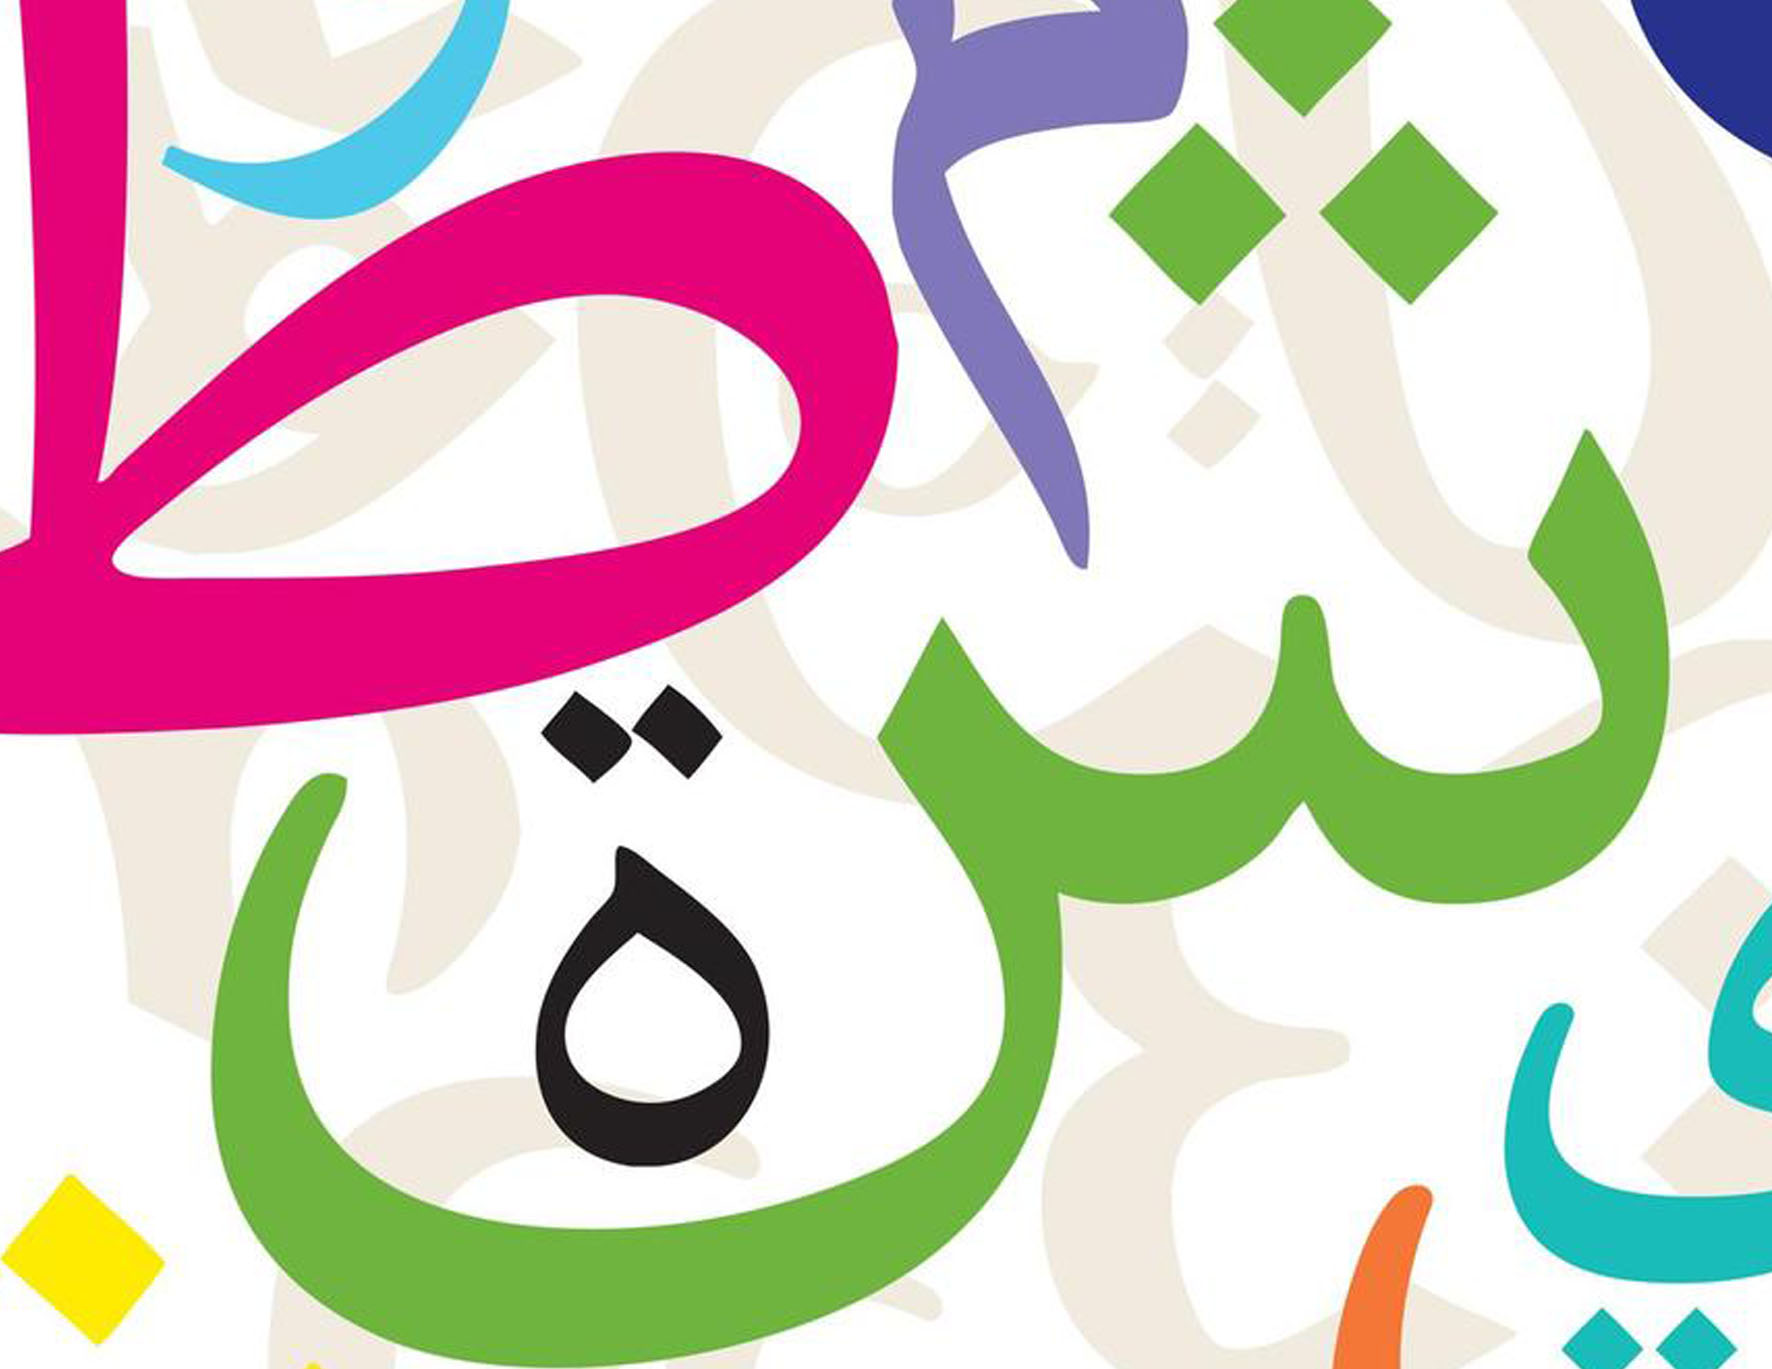 Besplatni kurs arapskog jezika